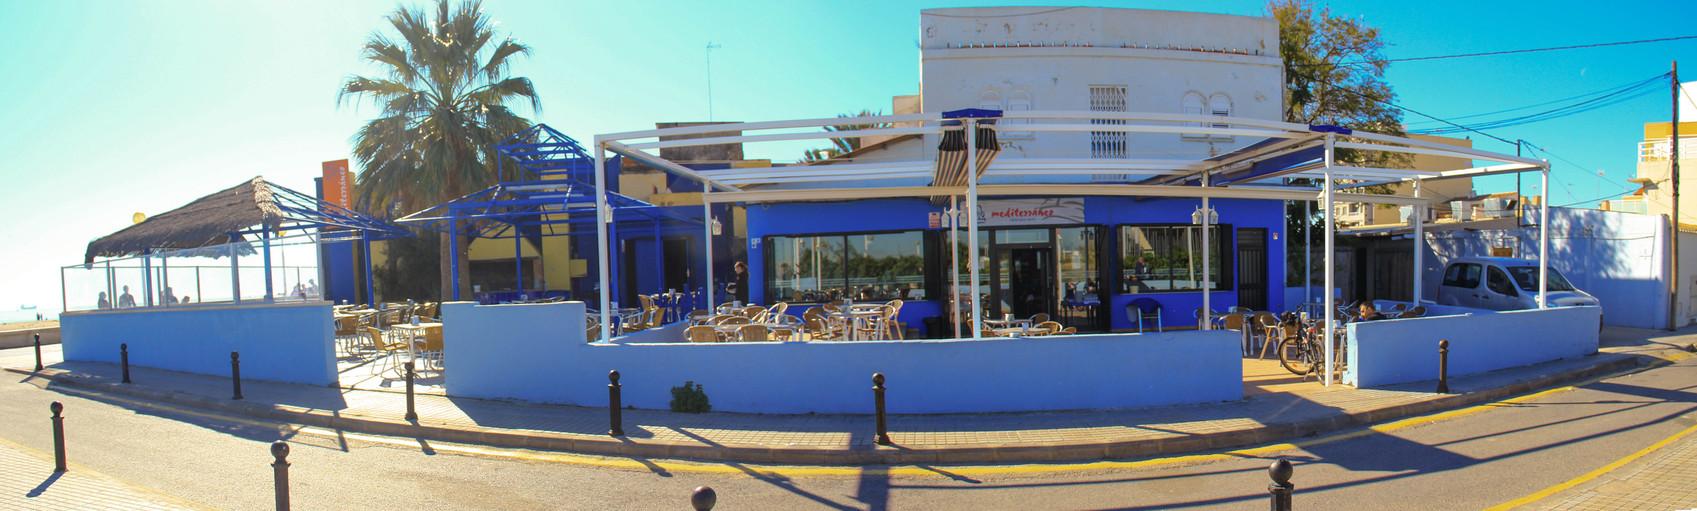 El local restaurant mediterr neo - Restaurante en pinedo ...